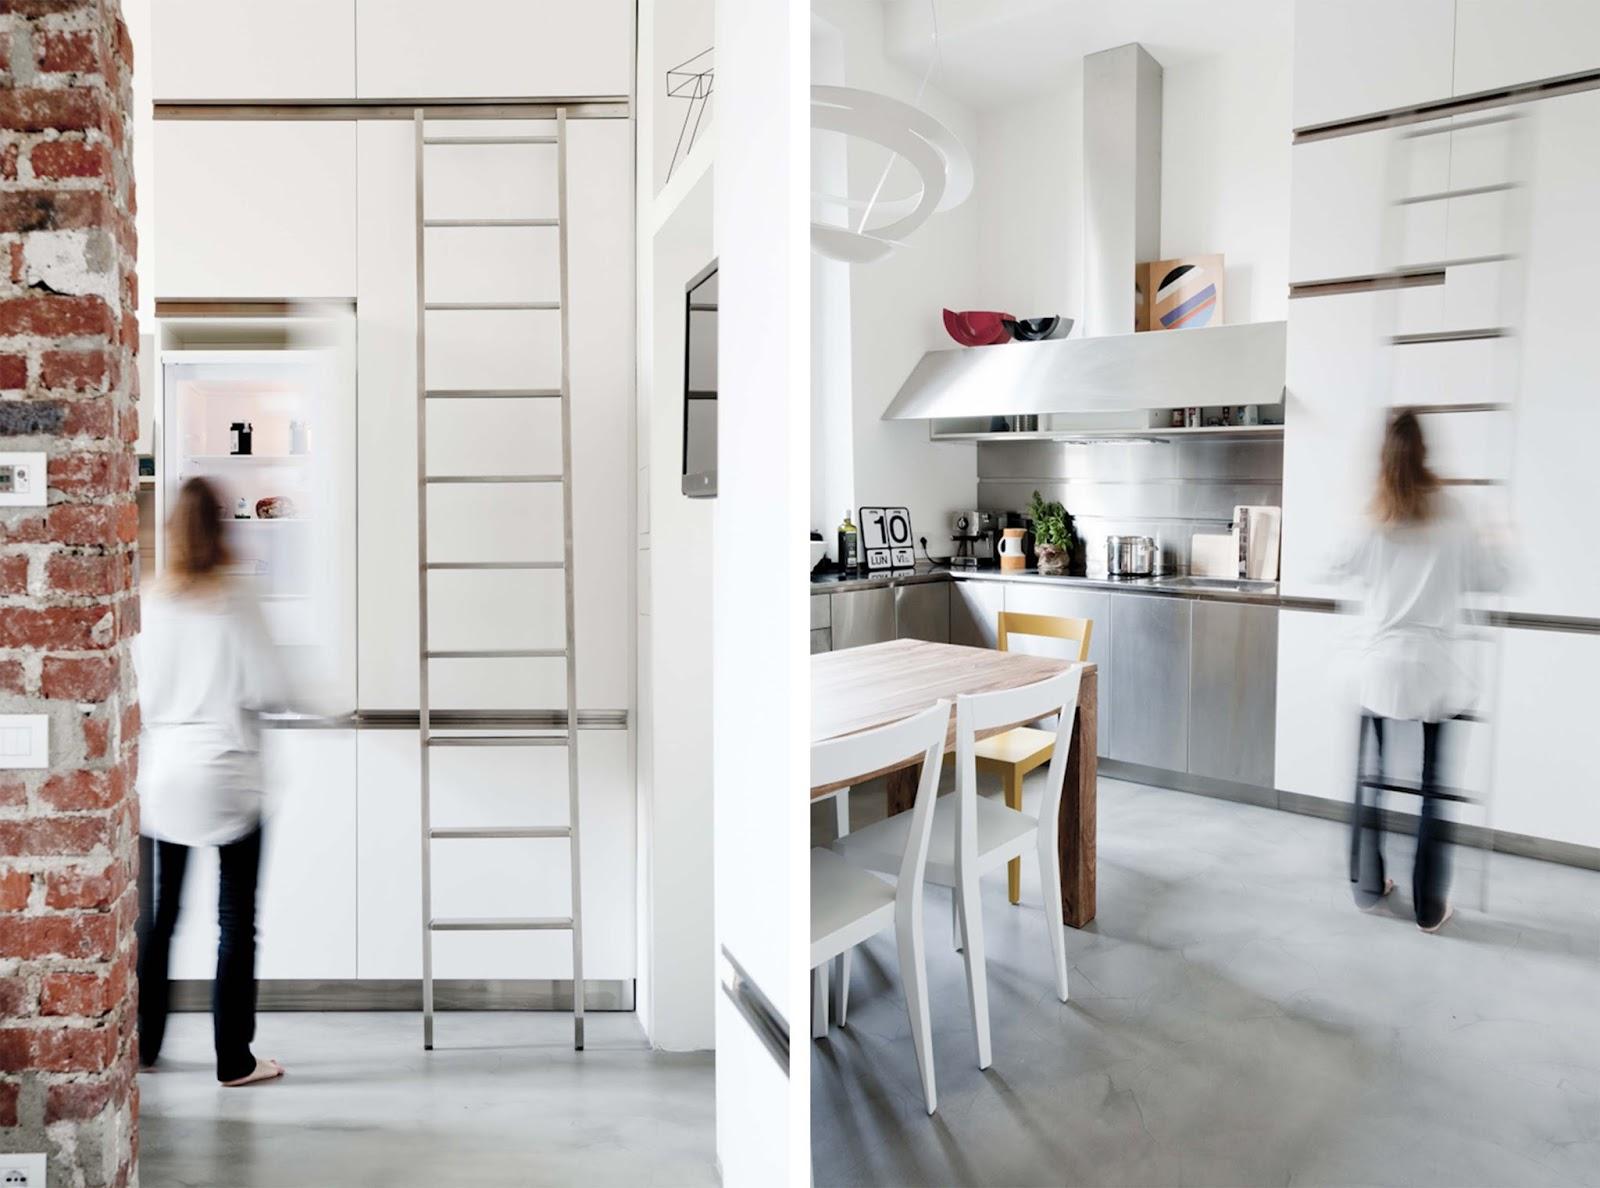 Mini appartamento di 30mq con soppalco | ARC ART blog by Daniele Drigo